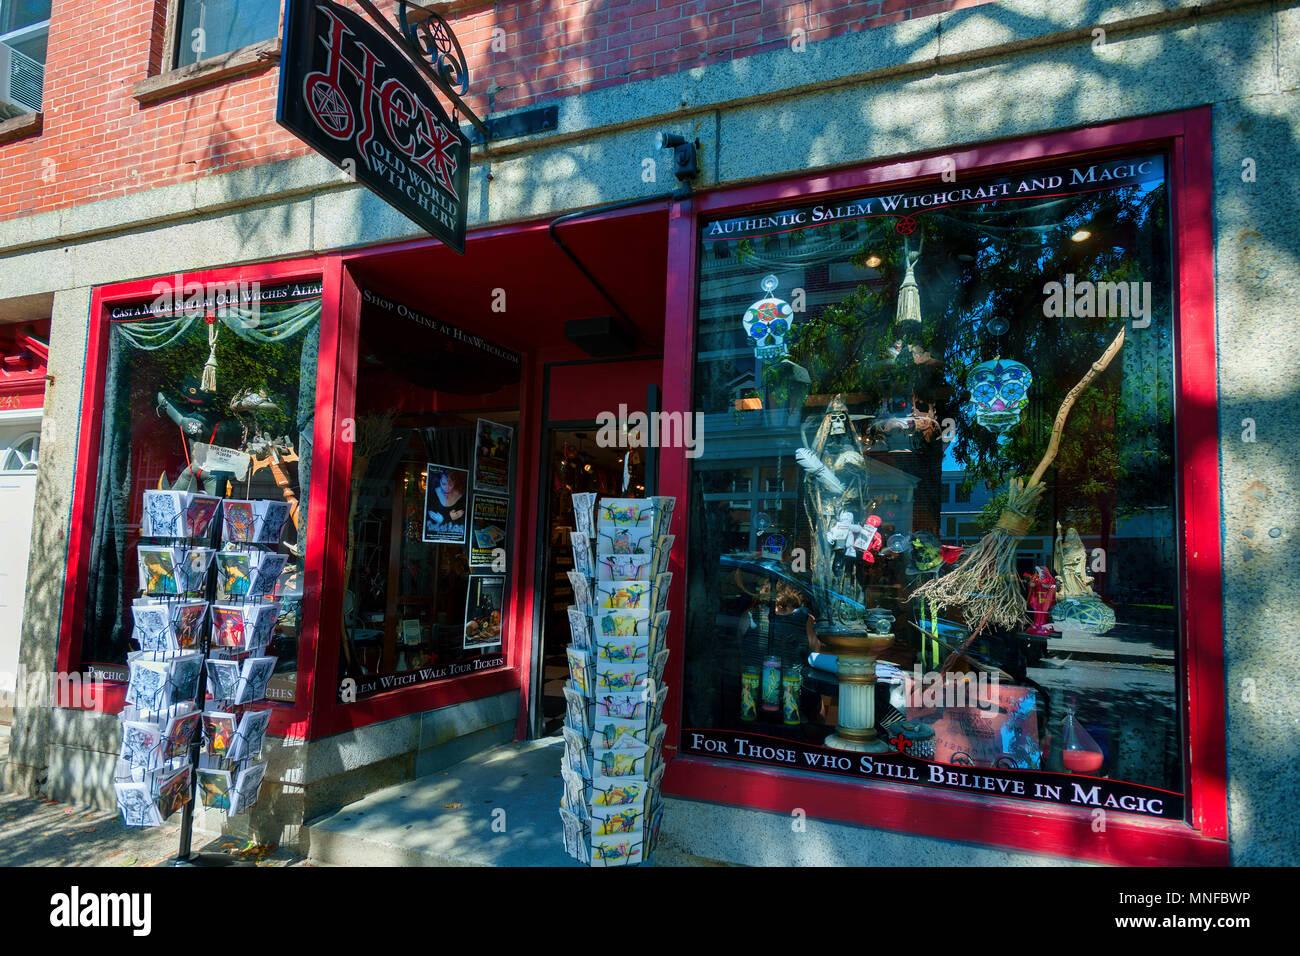 Magic Shop Stock Photos & Magic Shop Stock Images - Alamy